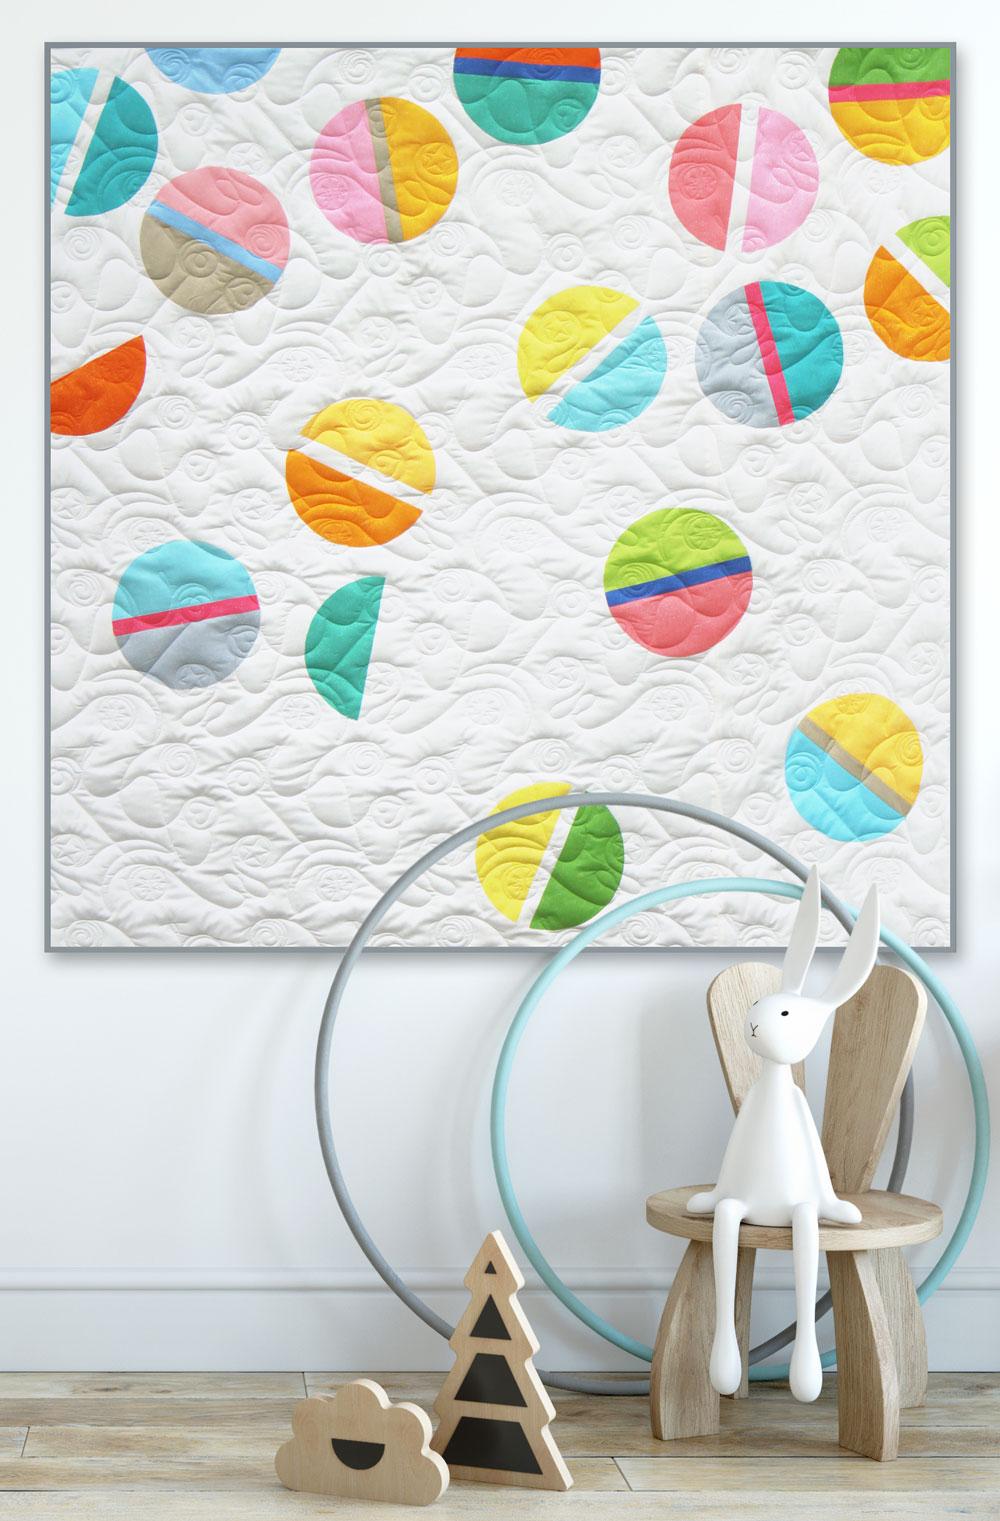 baby-balls-quilt-pattern-by-zen-chic.jpg